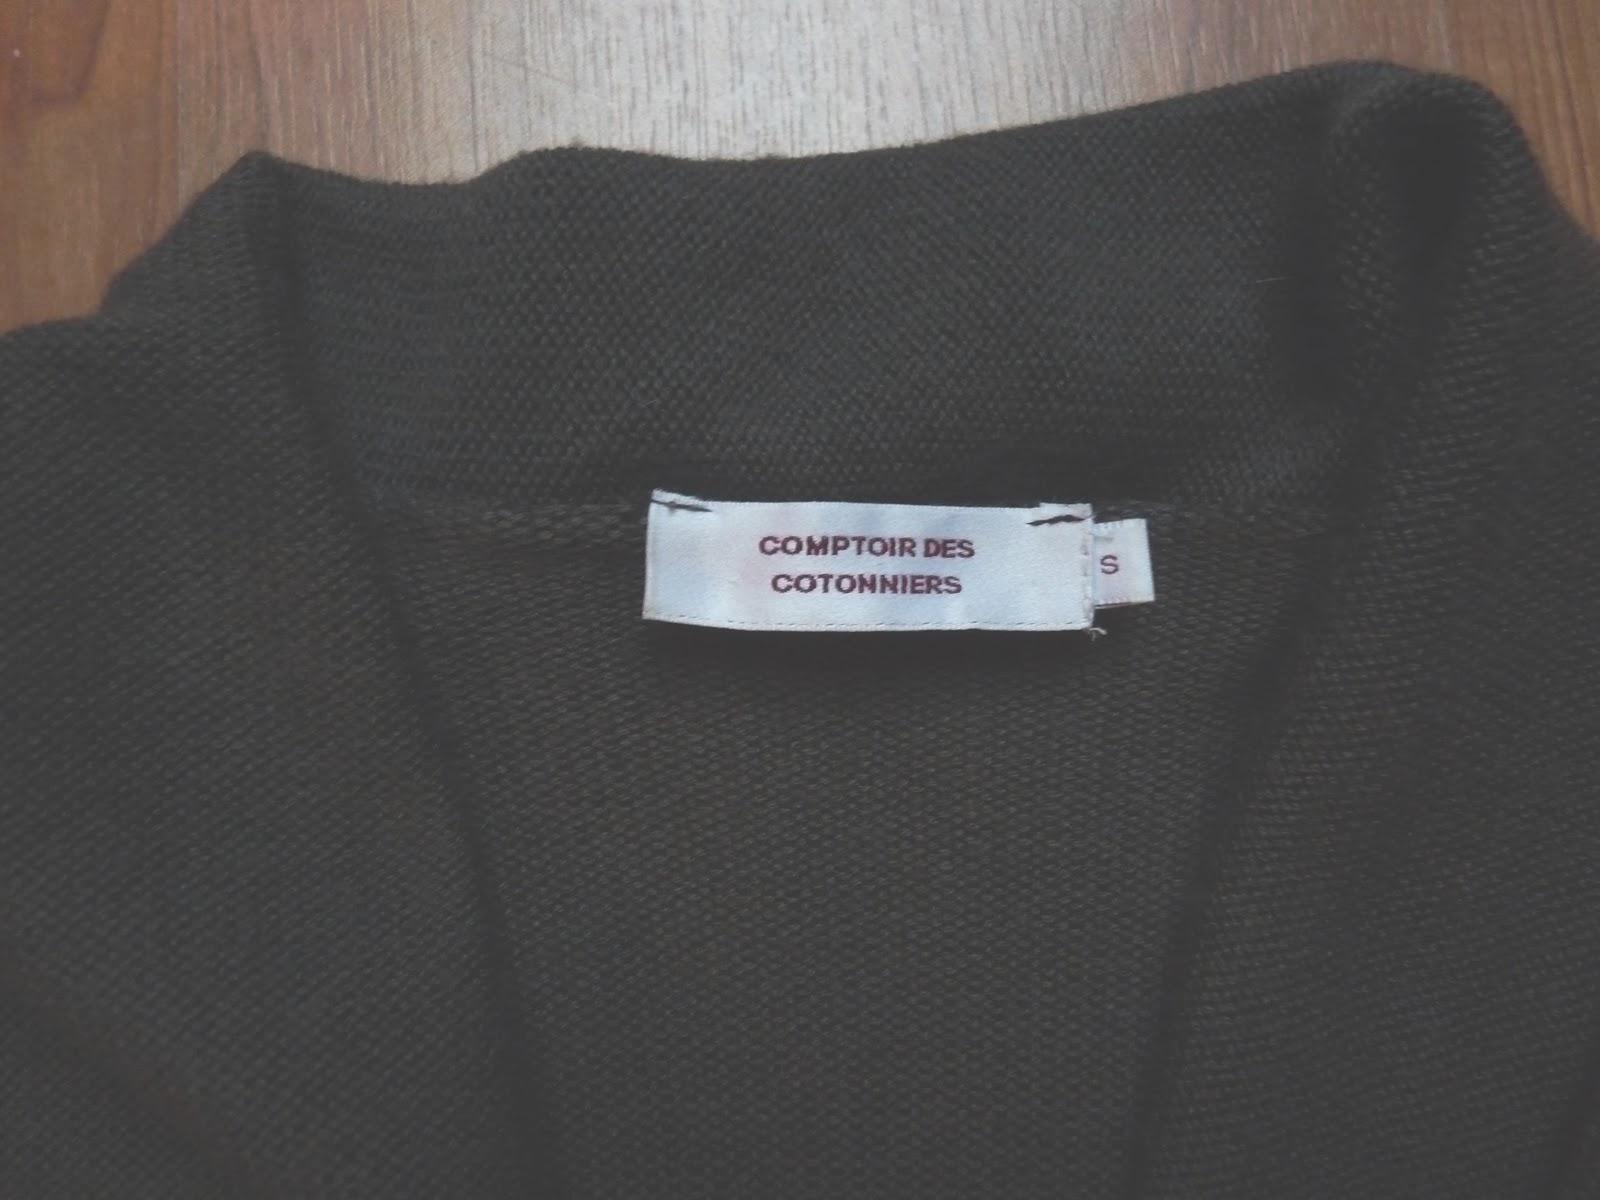 Le vide dressing de copp lia gilet asym trique comptoir - Vide dressing comptoir des cotonniers ...